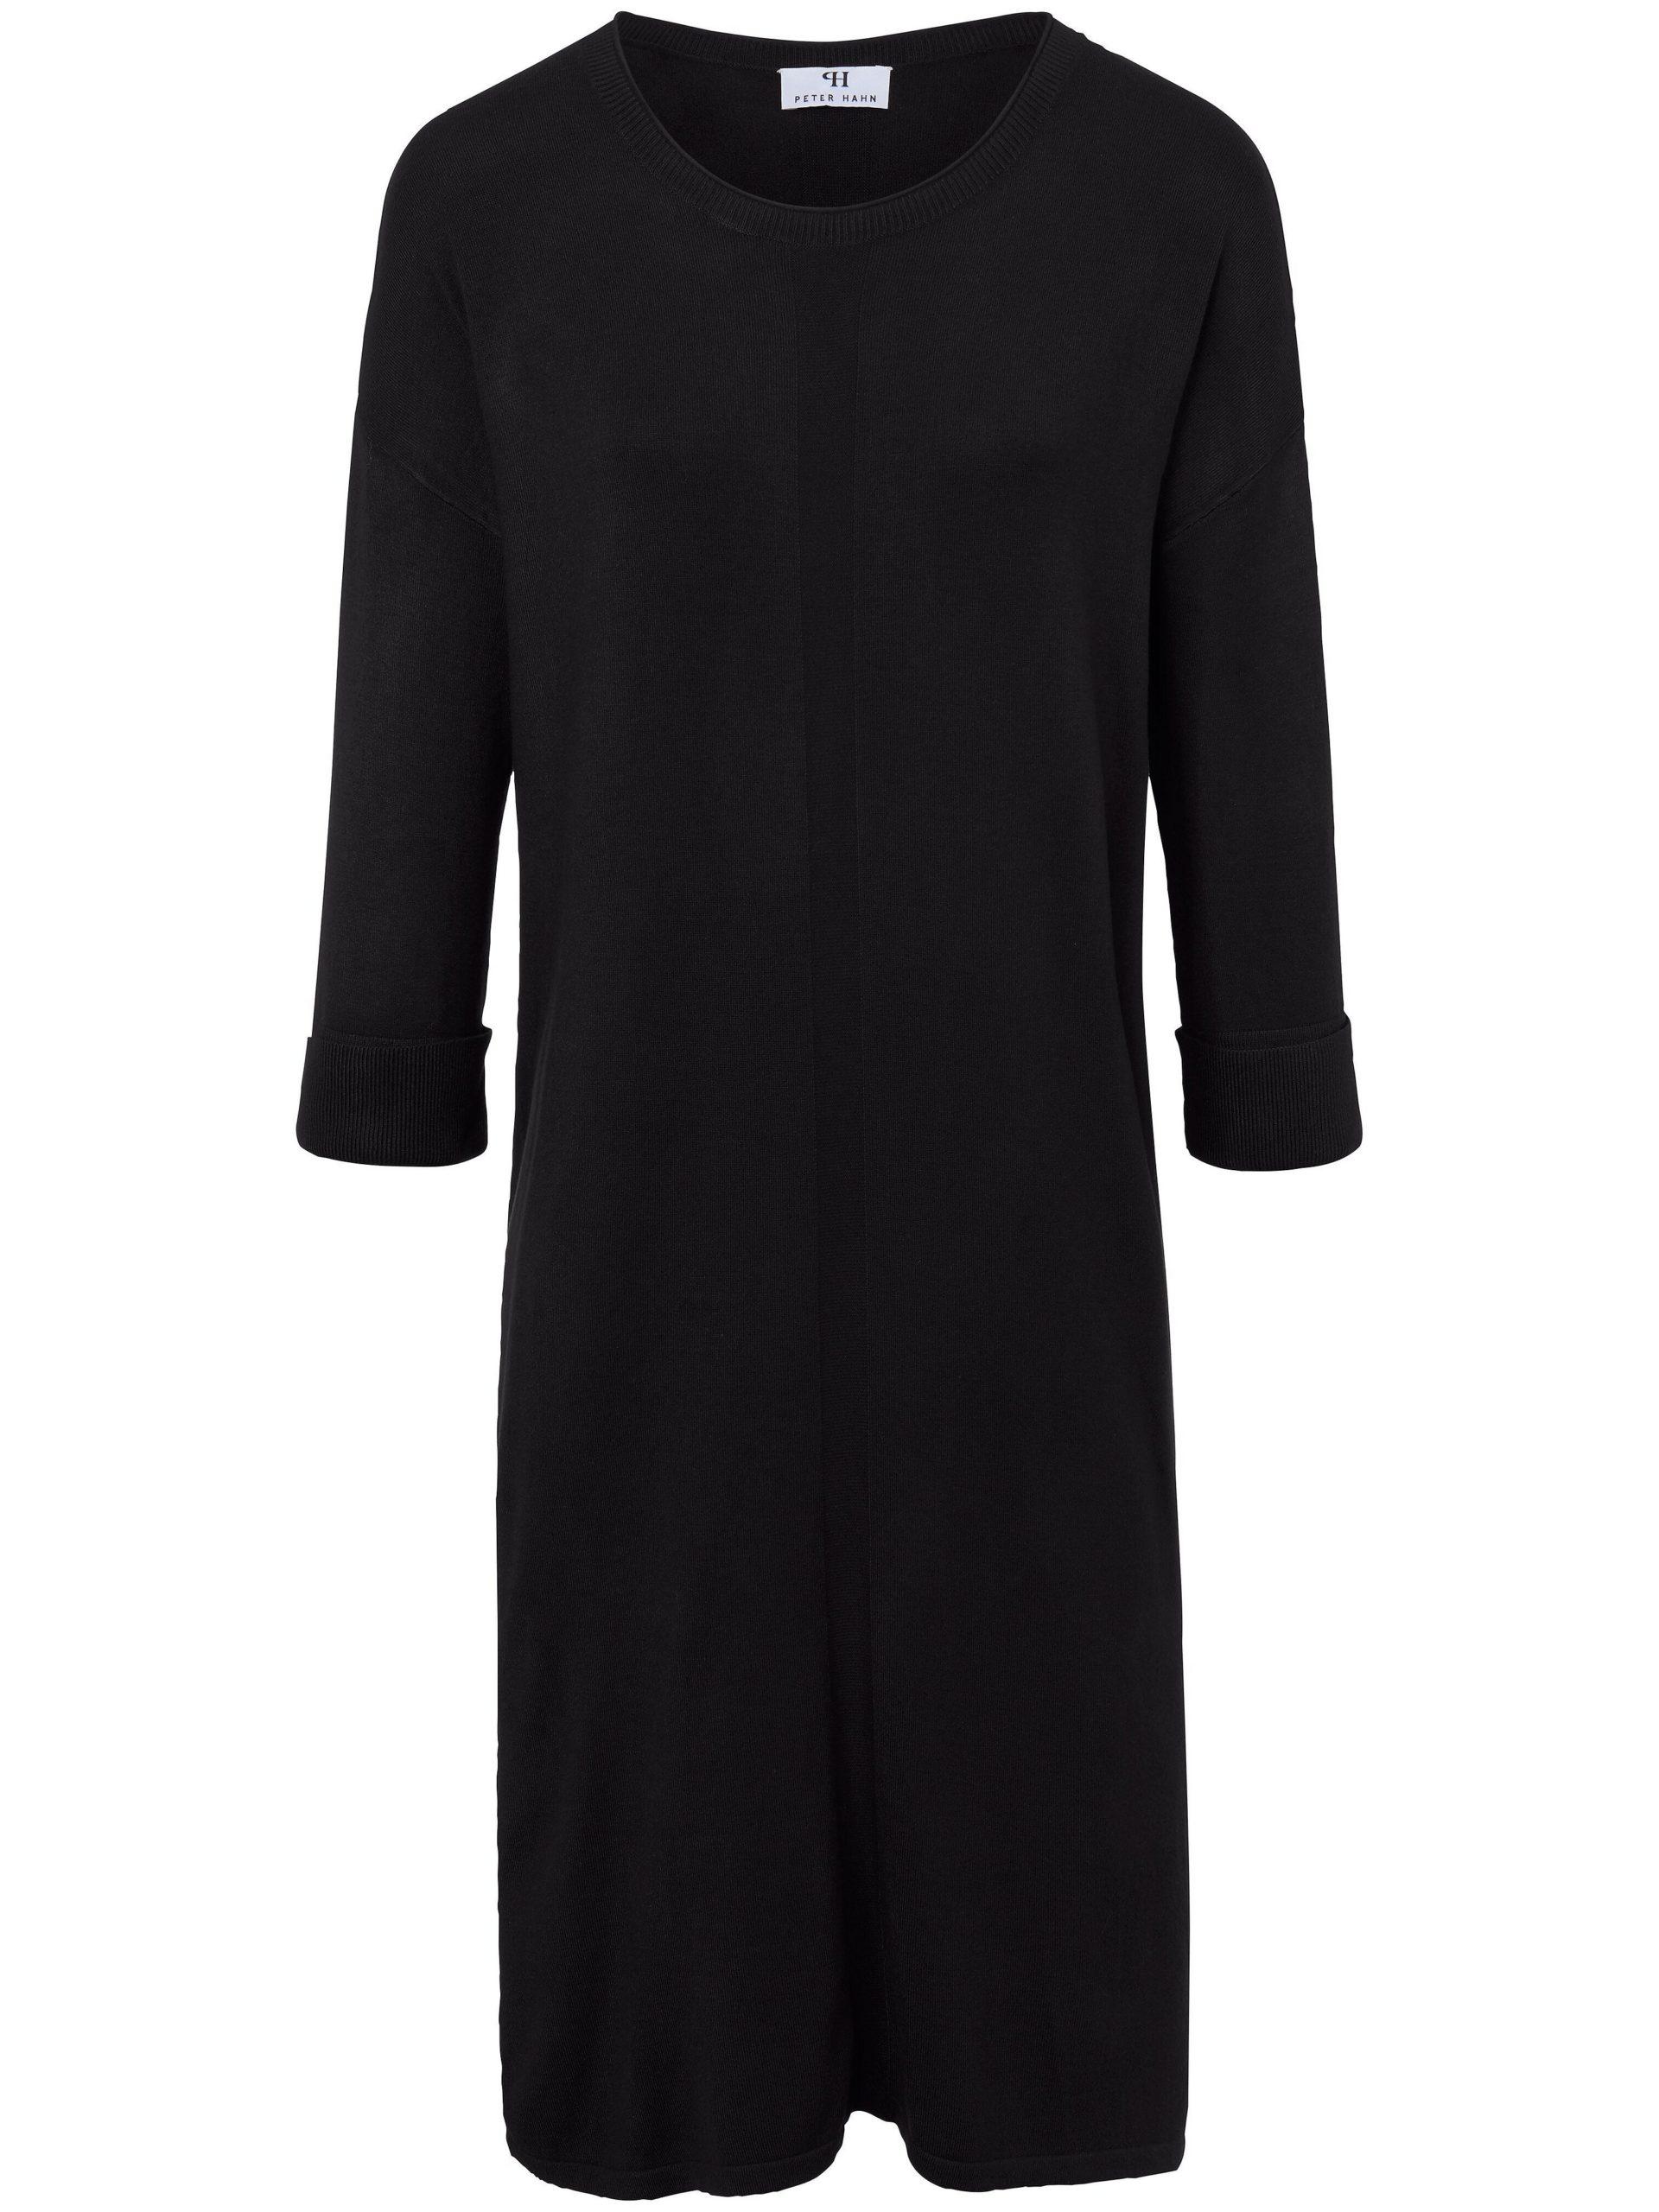 Gebreide jurk met 3/4-mouwen Van Peter Hahn zwart Kopen